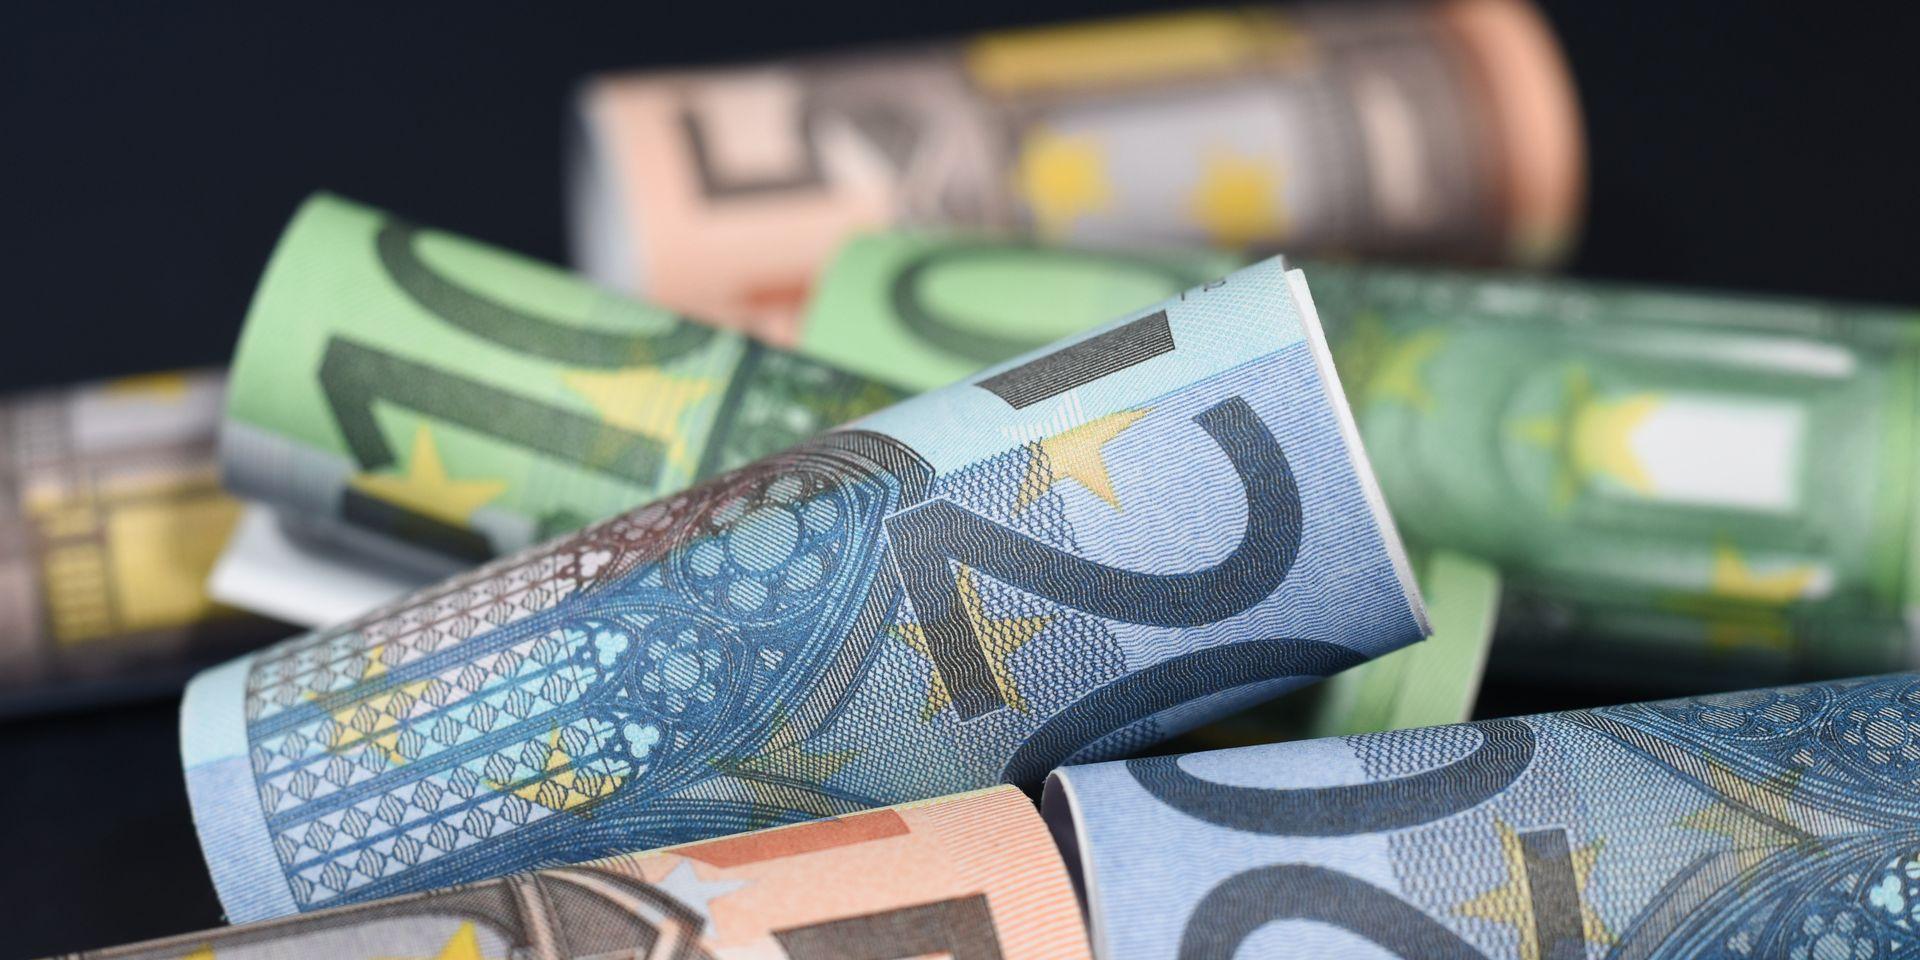 Des Nouveaux Billets De 100 Et 200 Euros Bientôt Dans Vos tout Billet De 100 Euros À Imprimer